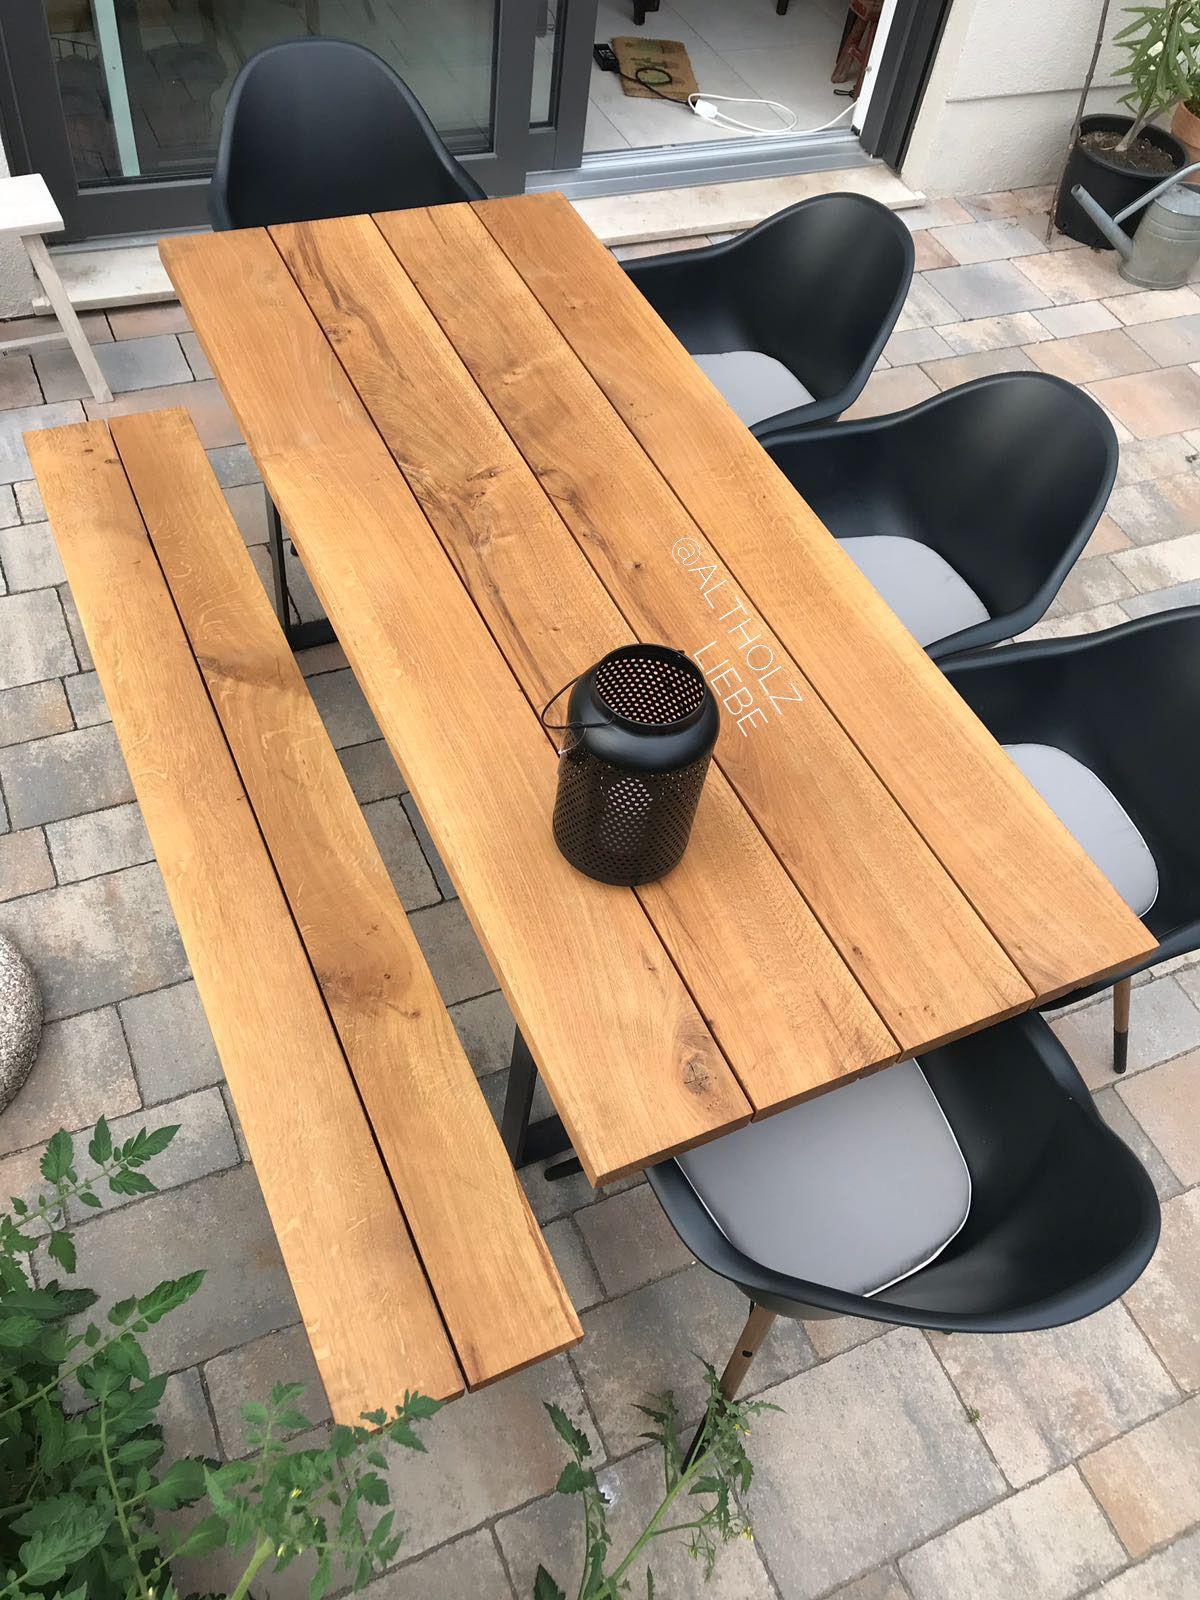 Gartentisch Mit Gartenbank Aus Eiche Mass 220 X 90 Cm Trapezgestell Aus Rohstahl